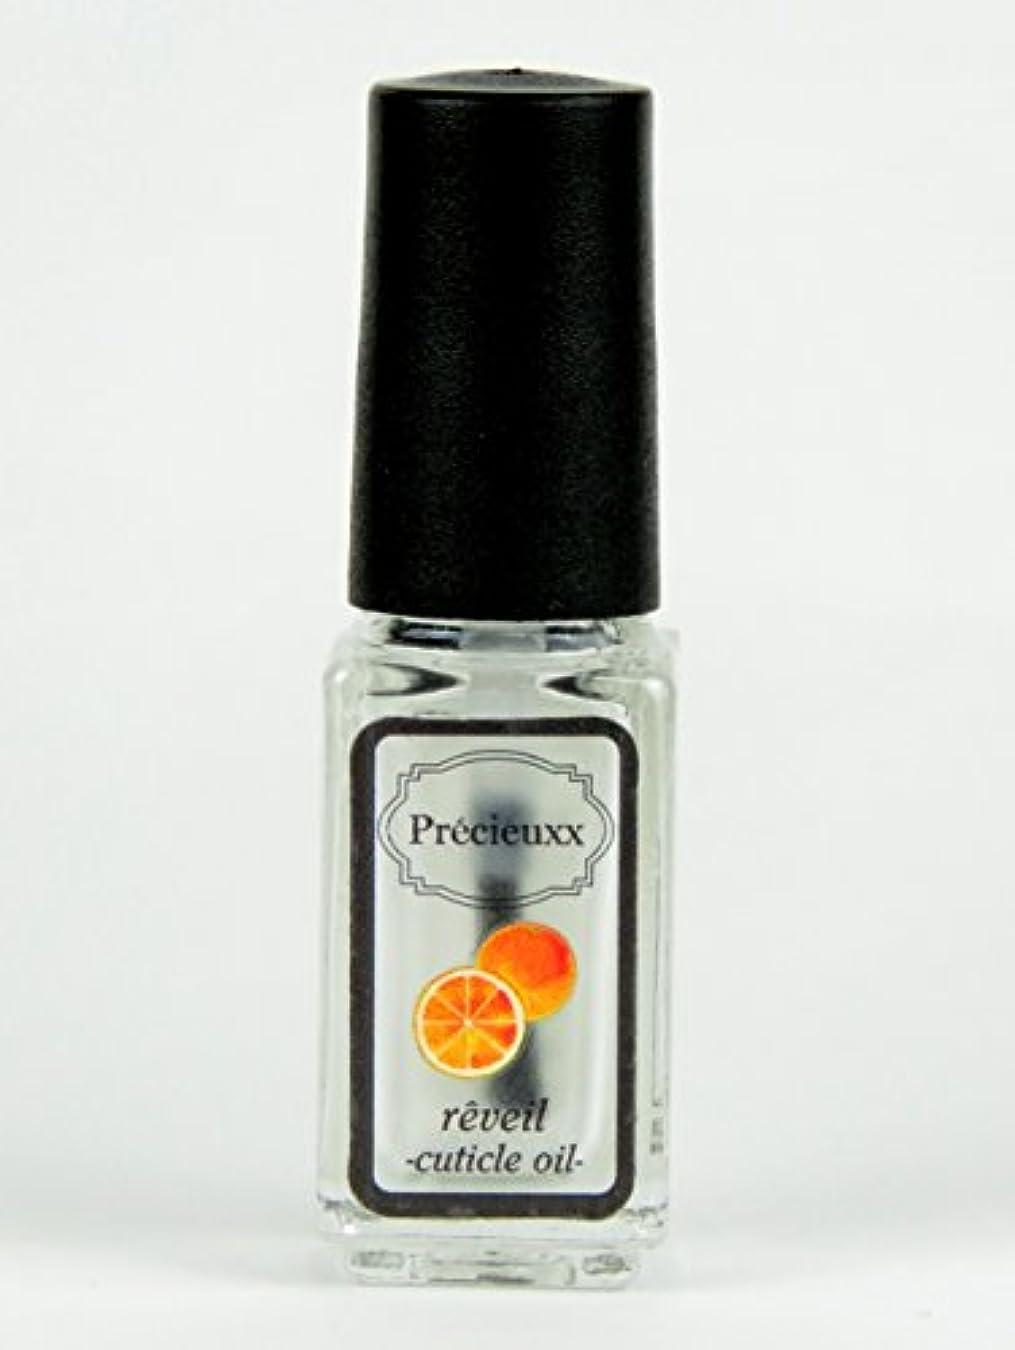 リブケニアペネロペオーガニック ネイルオイル Precieuxx(プレシュー) ネイルアンドキューティクルボタニカルオイル 5ml オレンジ